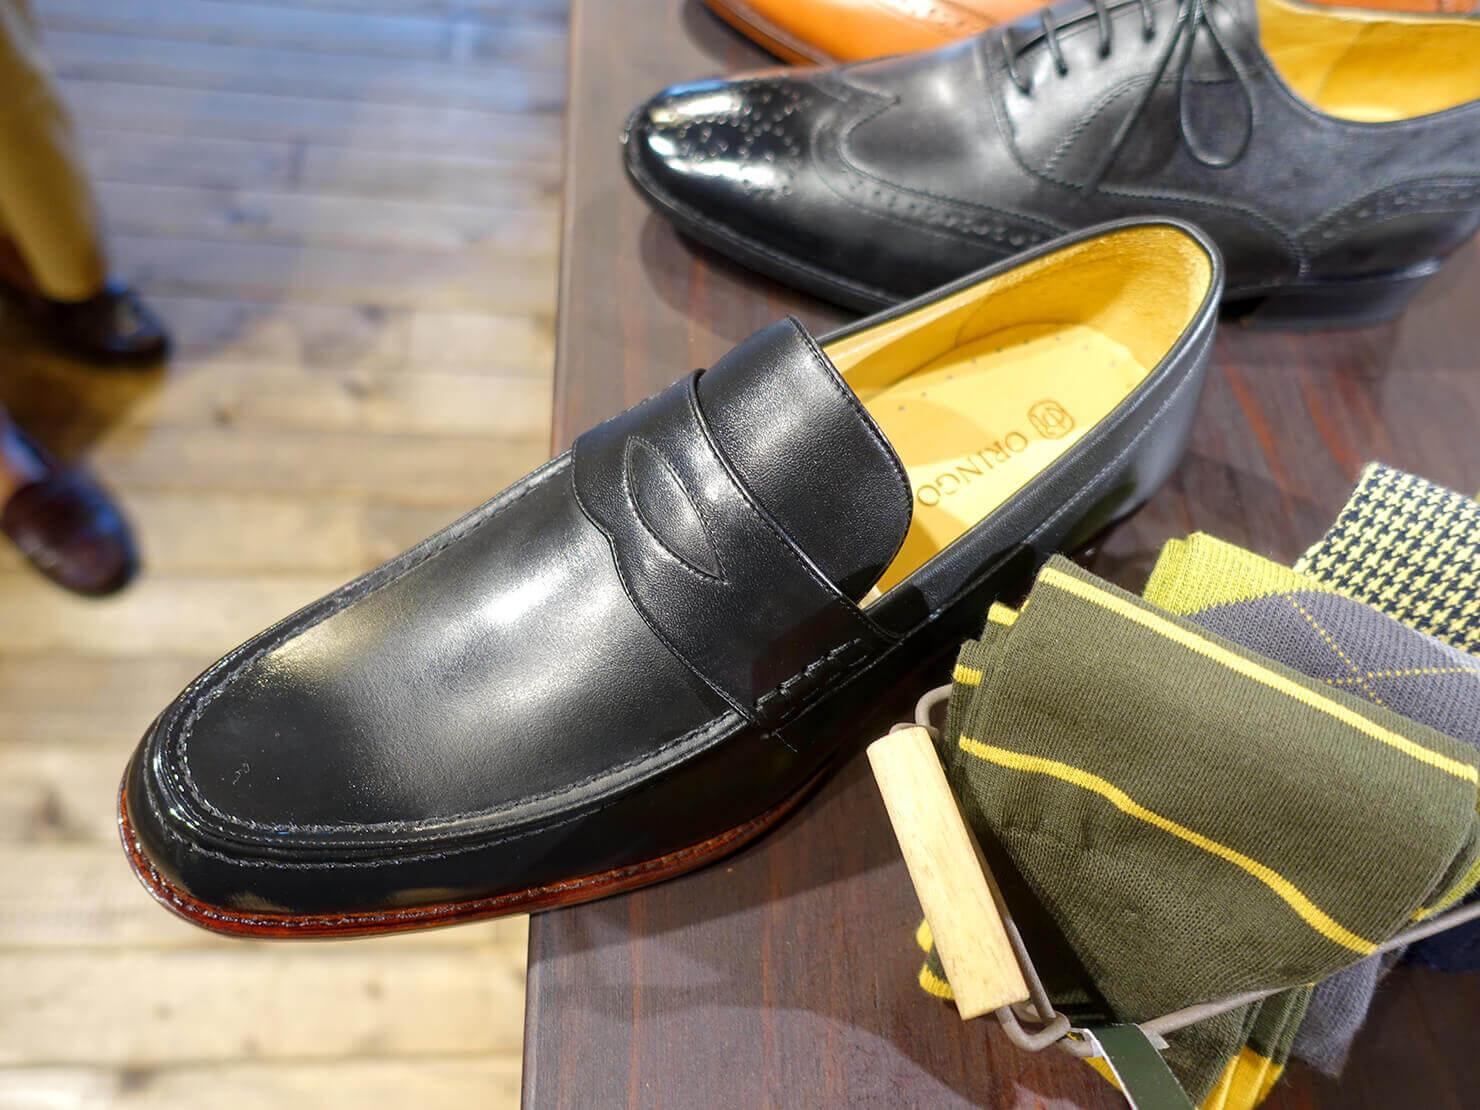 台湾のおすすめ革靴ブランド「林果良品 ORINGO」台北東門店に並ぶメンズの樂福鞋(ローファー)